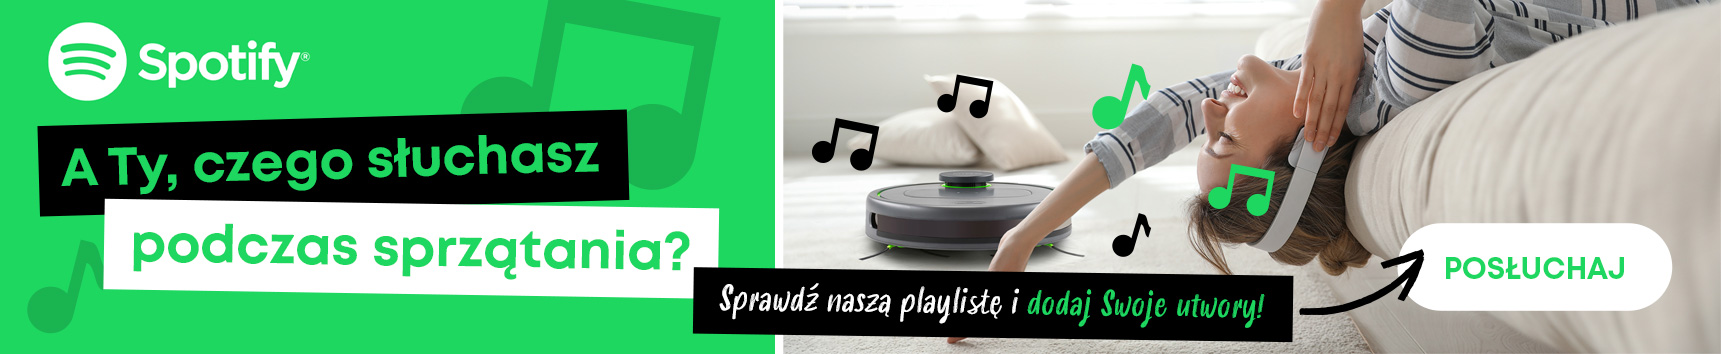 Moneual Polska - Spotify